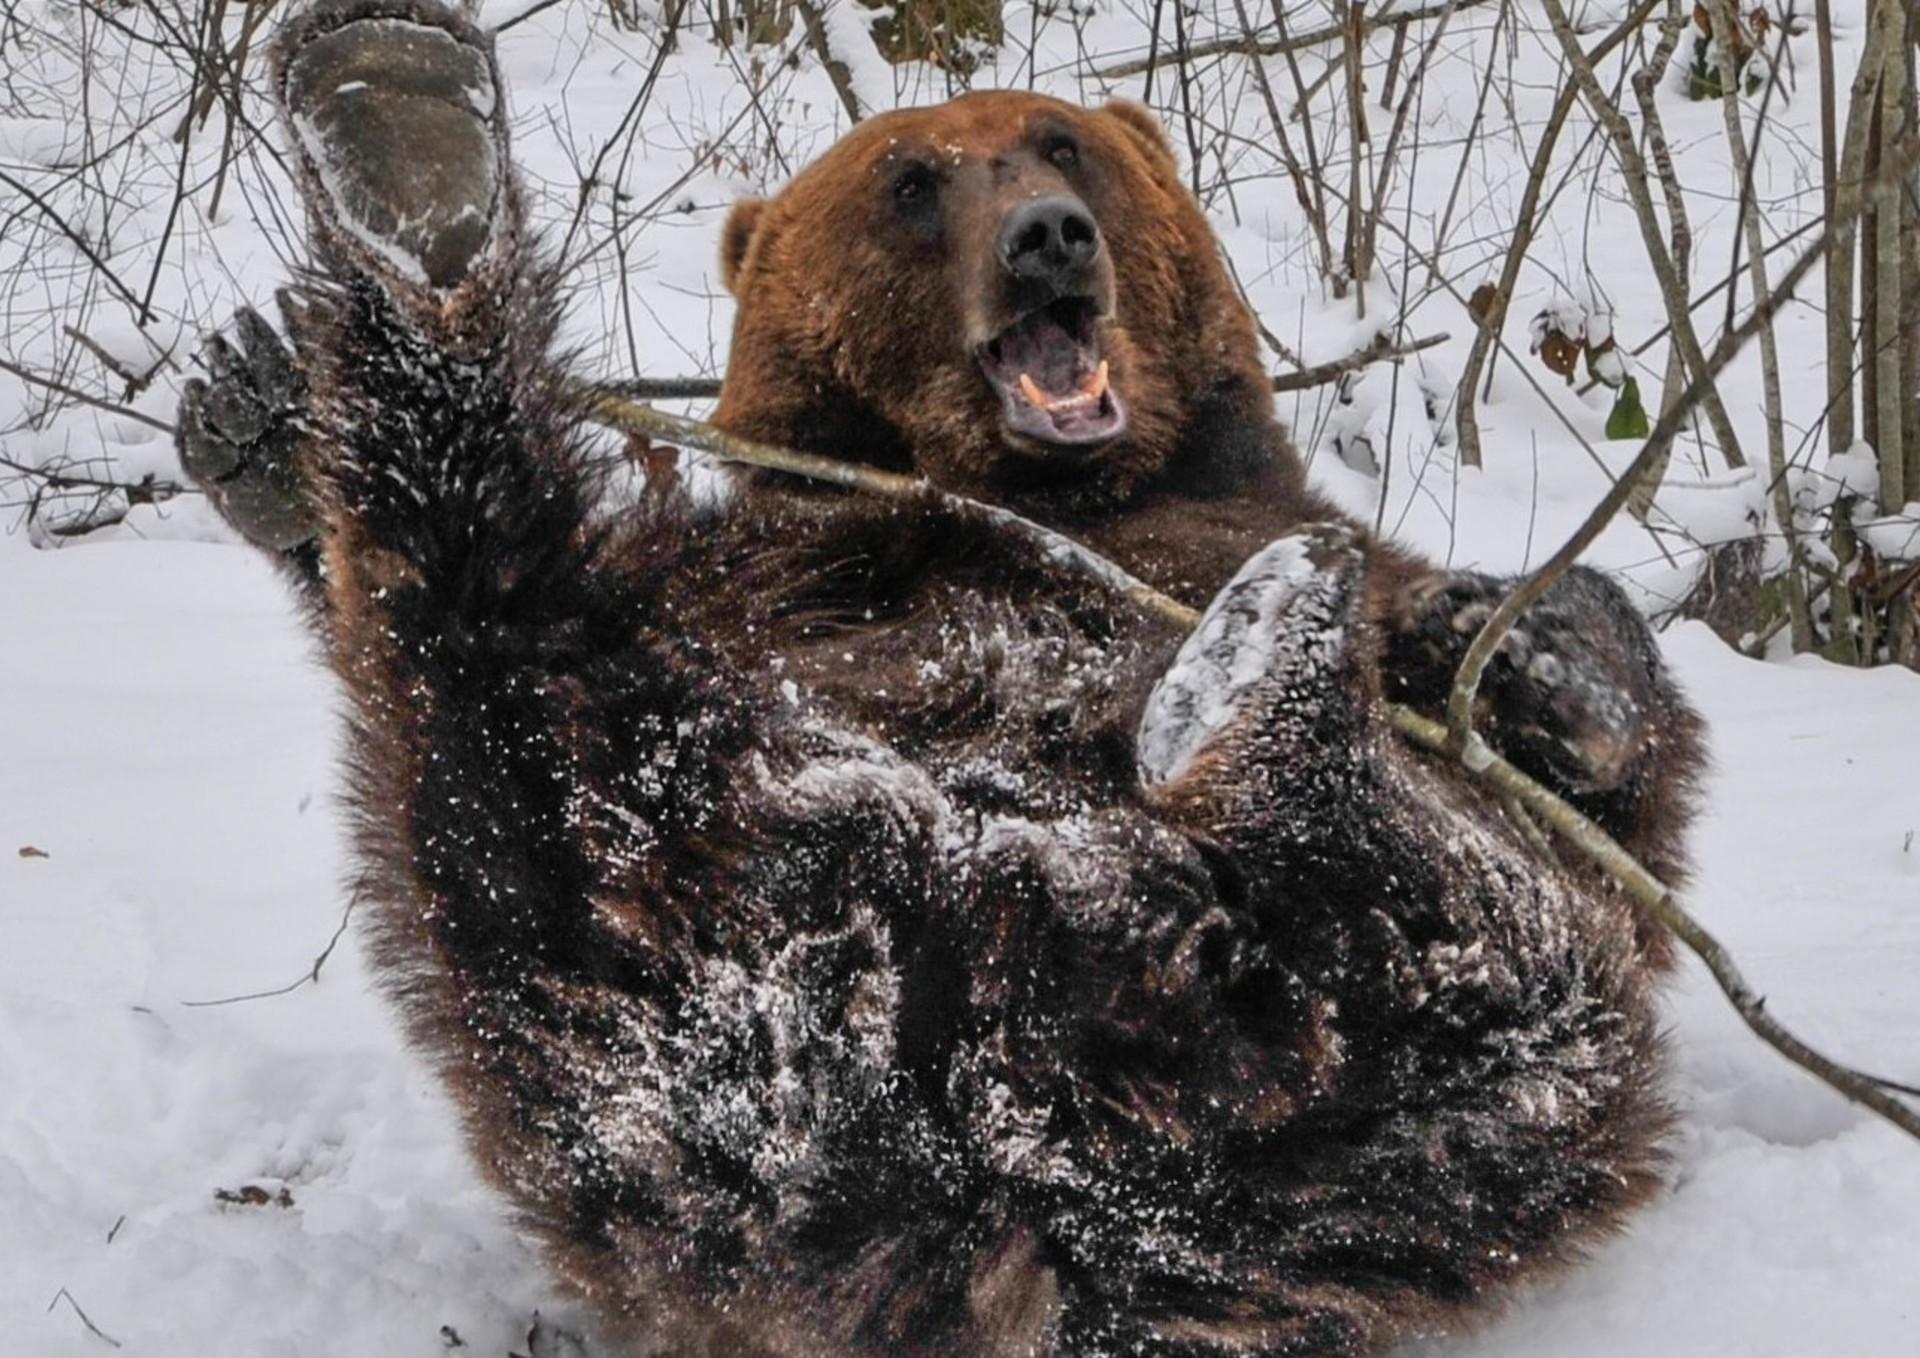 Bär im Schnee im BÄRENWALD Domazhyr (c) VIER PFOTEN